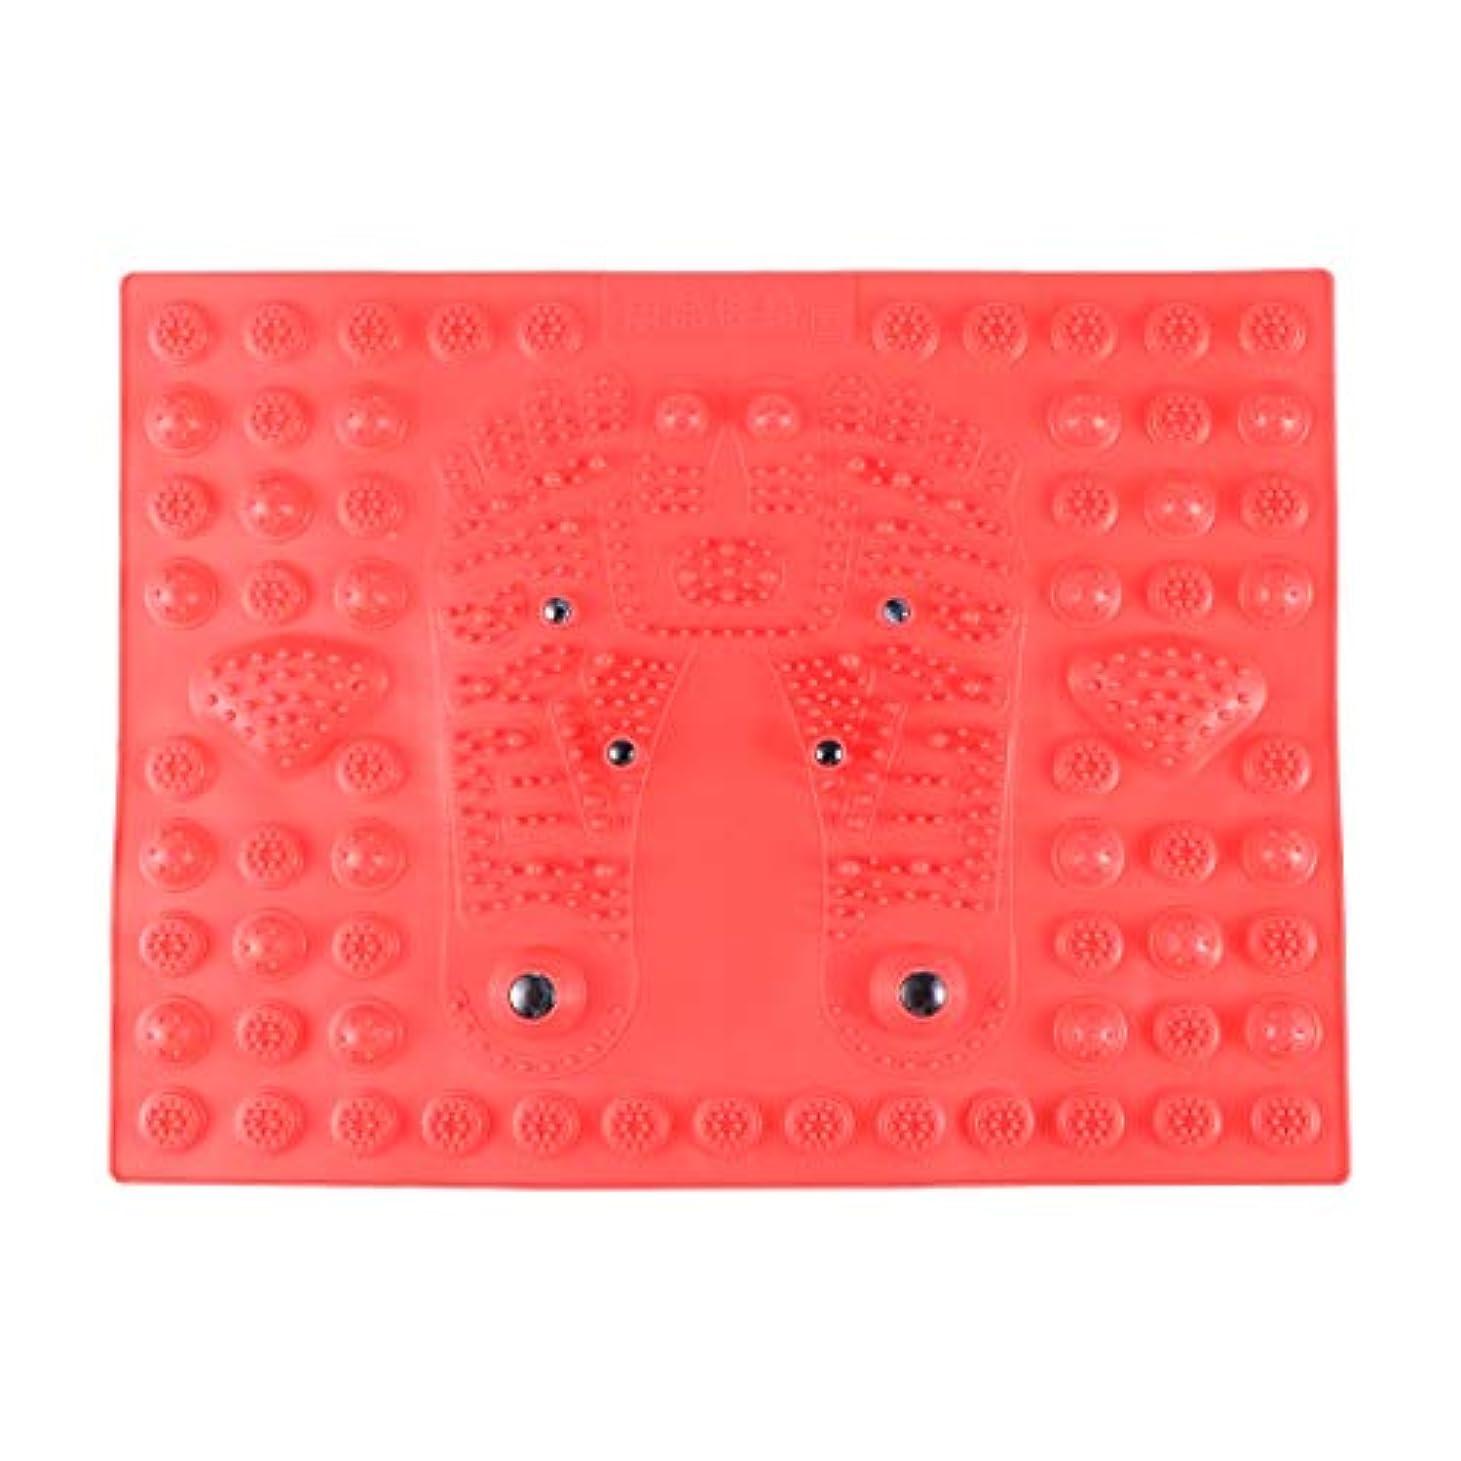 伝記首尾一貫した調和のとれたSUPVOX フットマッサージマット指圧リラクゼーションリフレクソロジーマット磁気療法フィートマット(レッド)